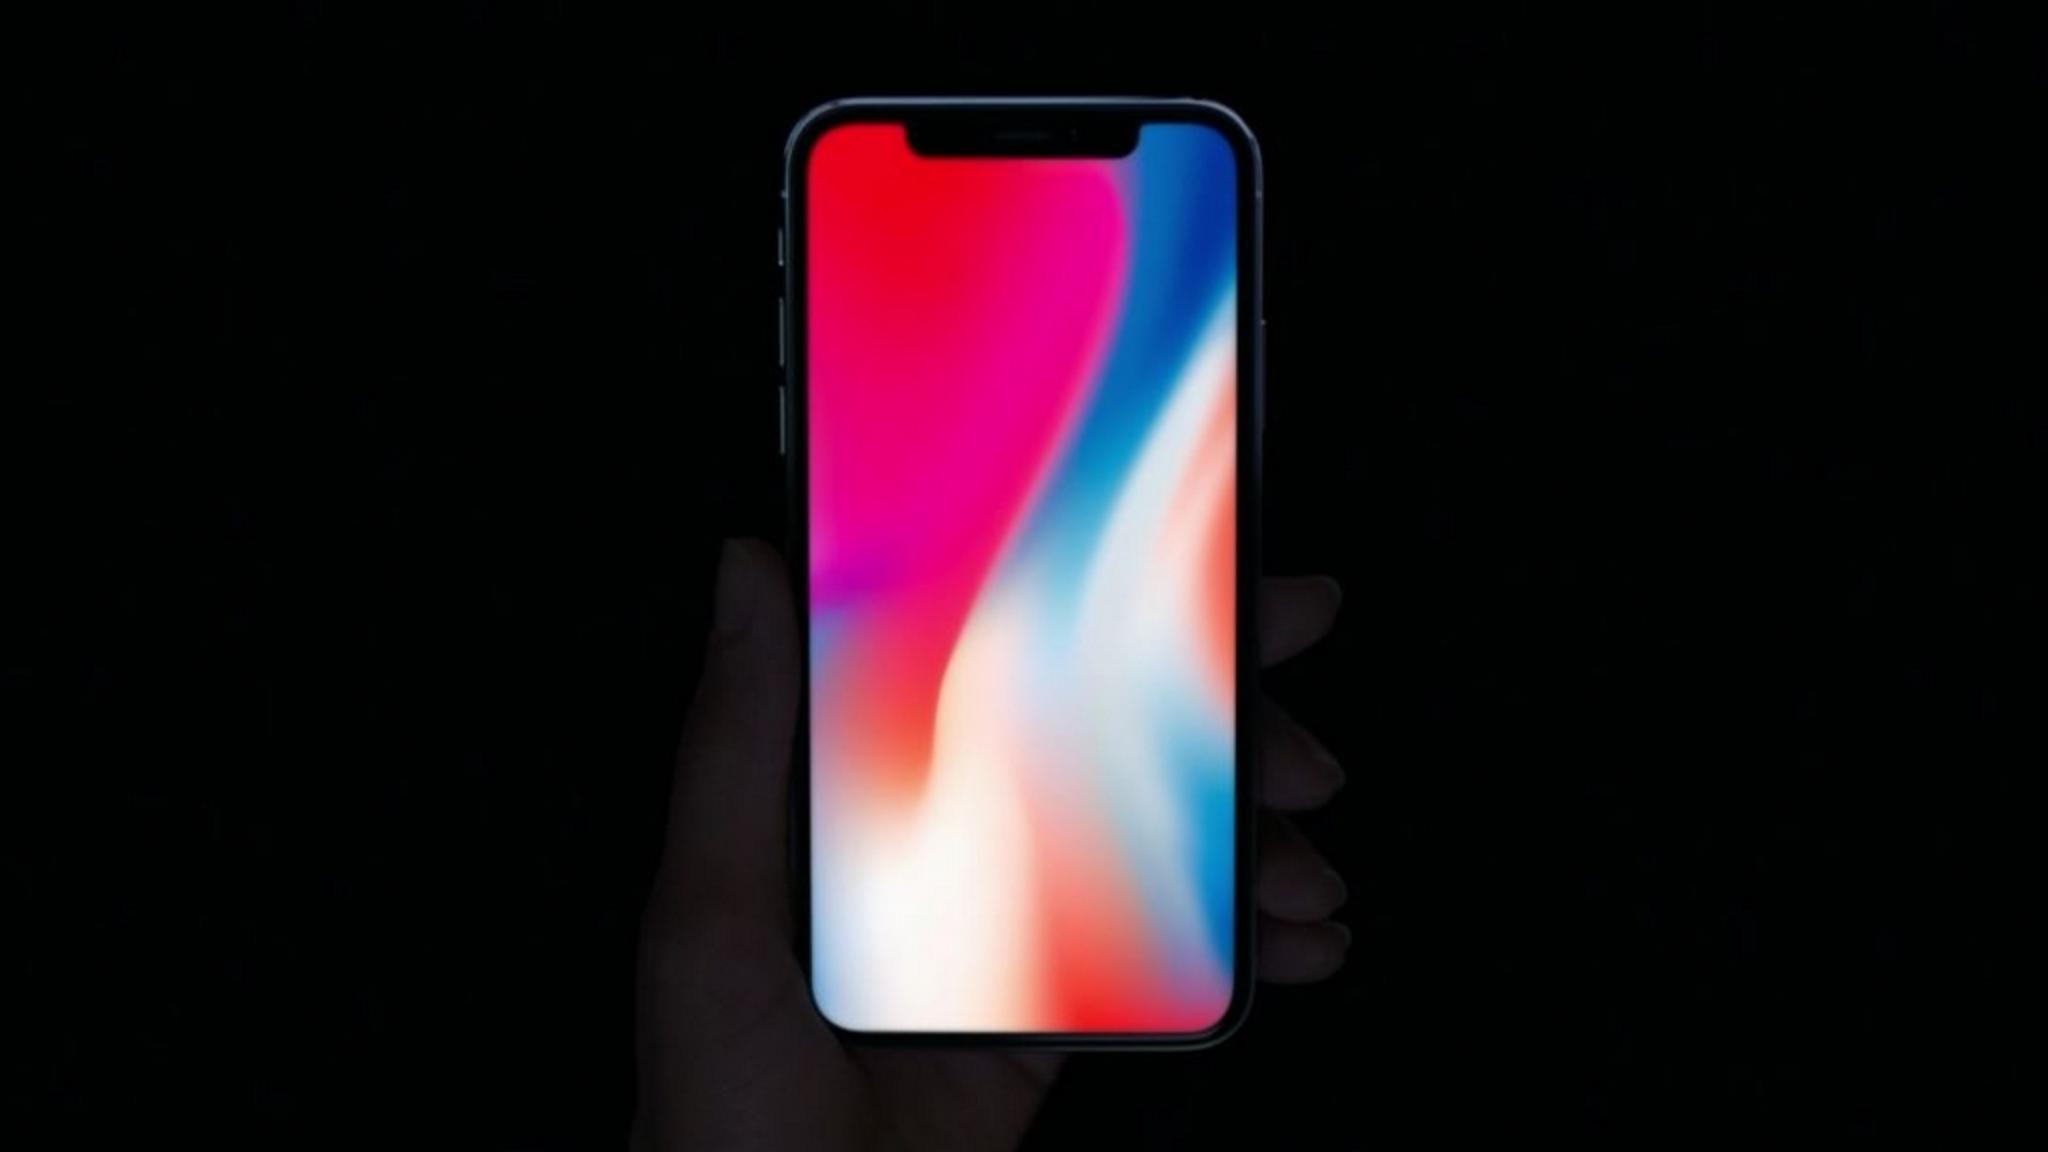 Die teuerste iPhone-X-Komponente ist das 5,8 Zoll große Super Retina Display.